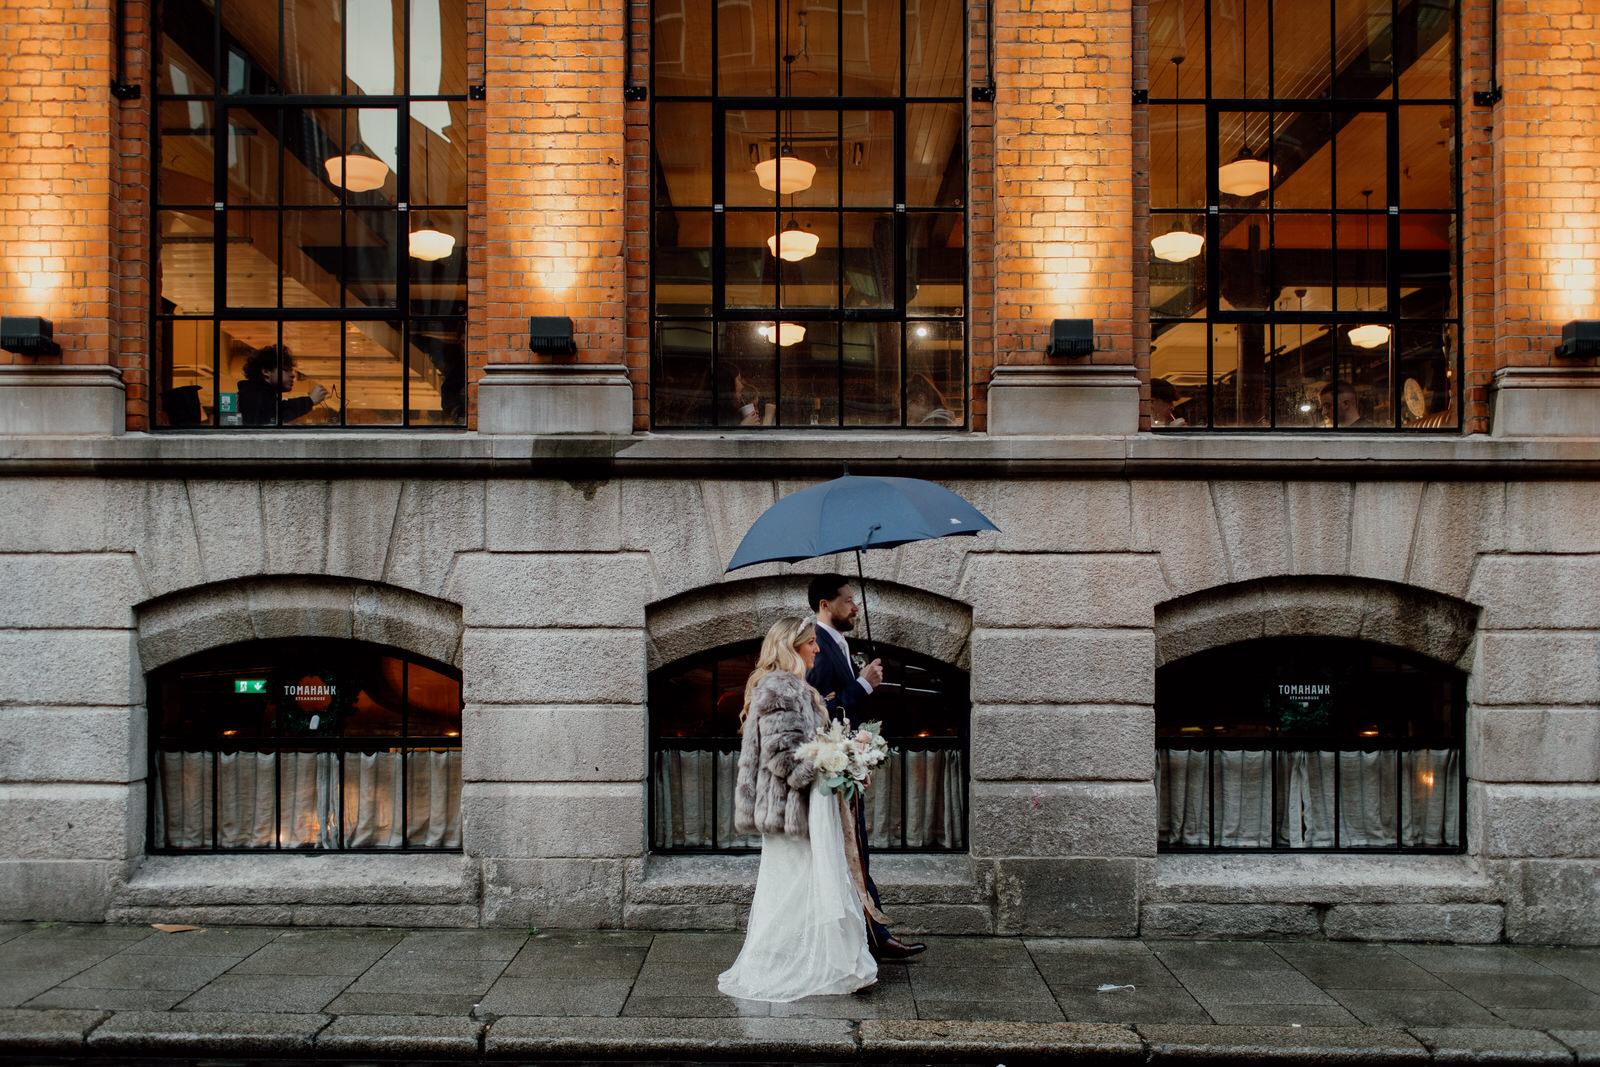 temple bar wedding photos